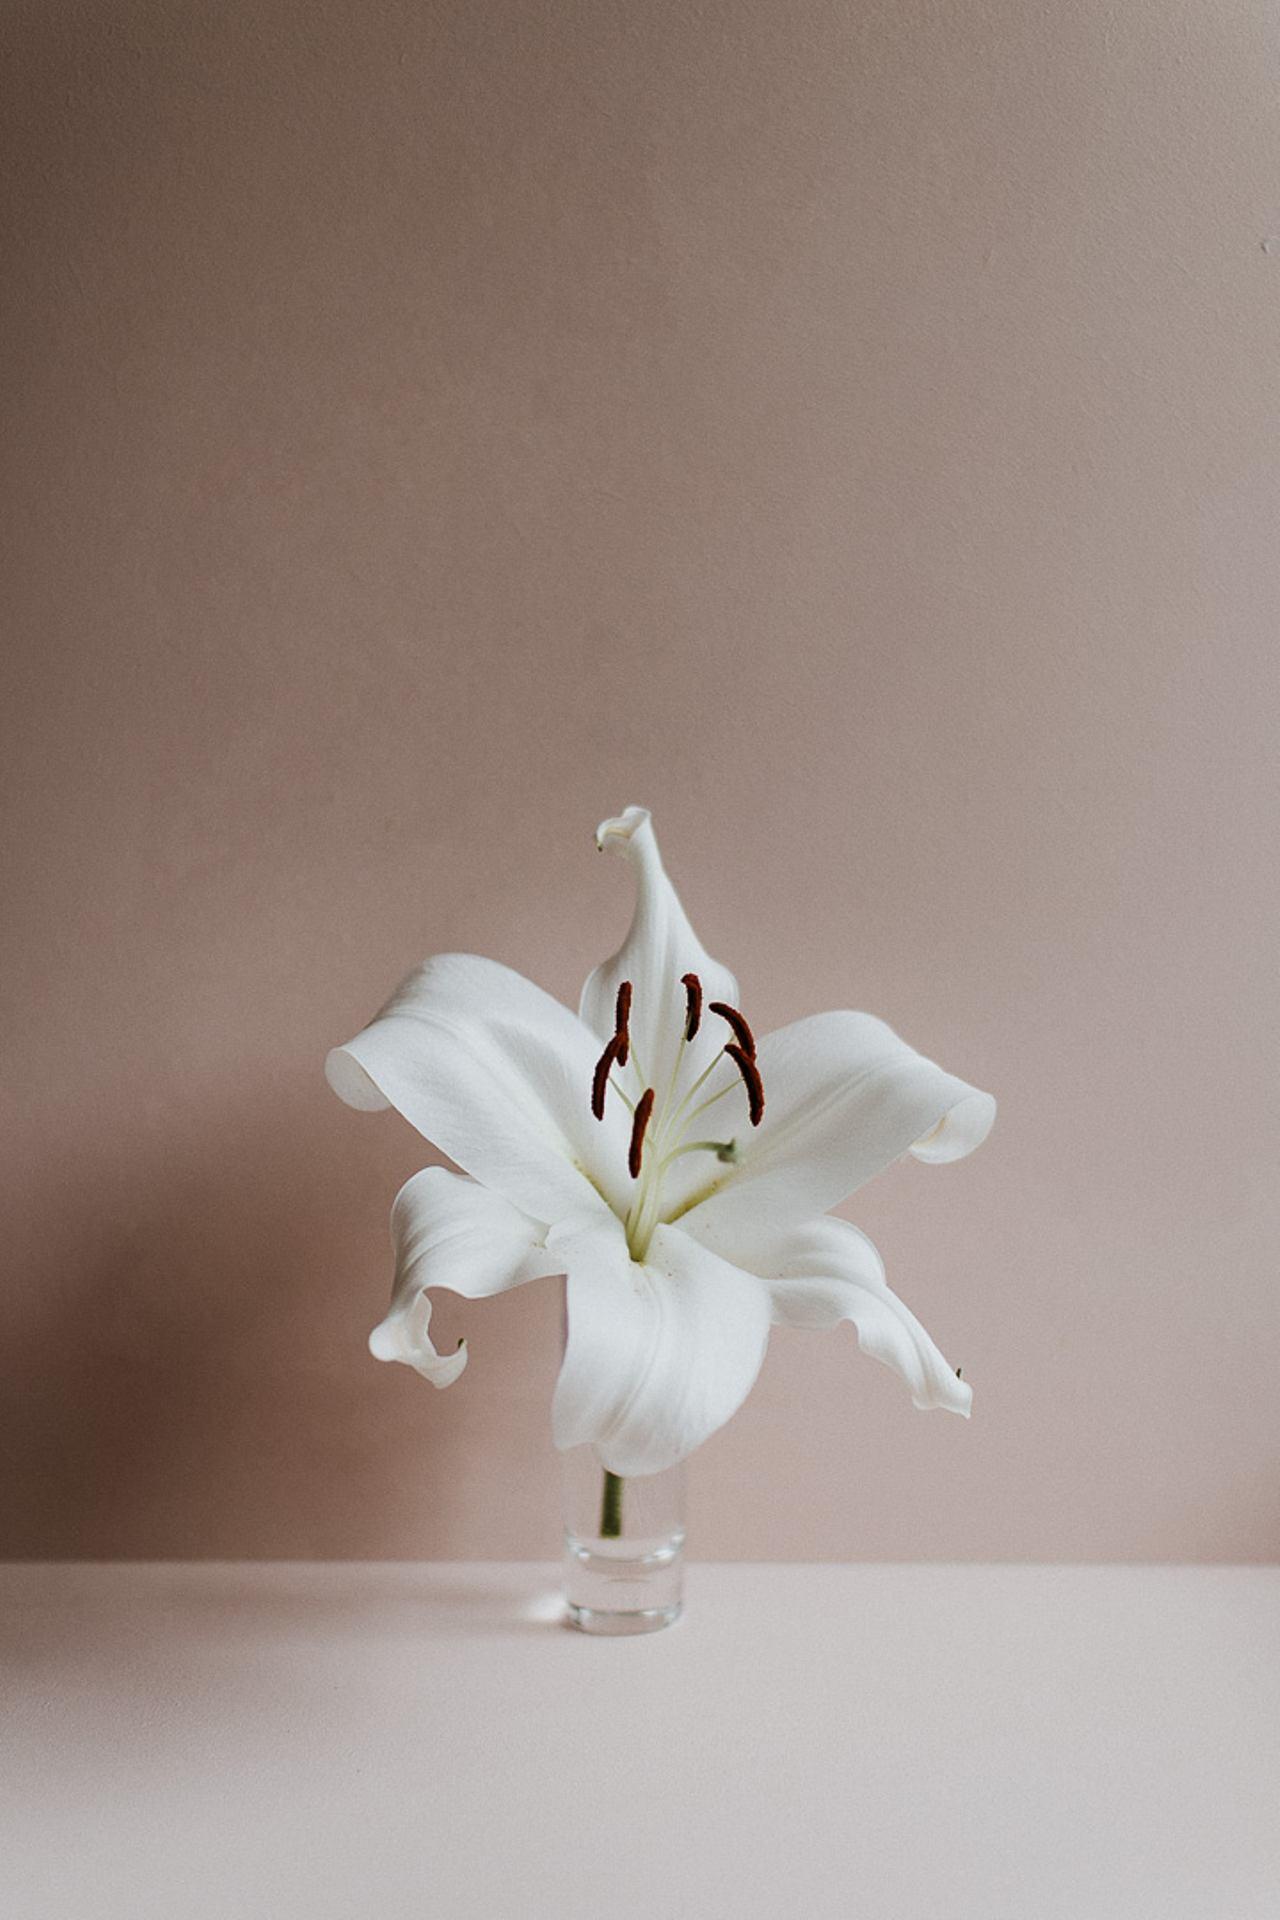 Lys blanc sur rose